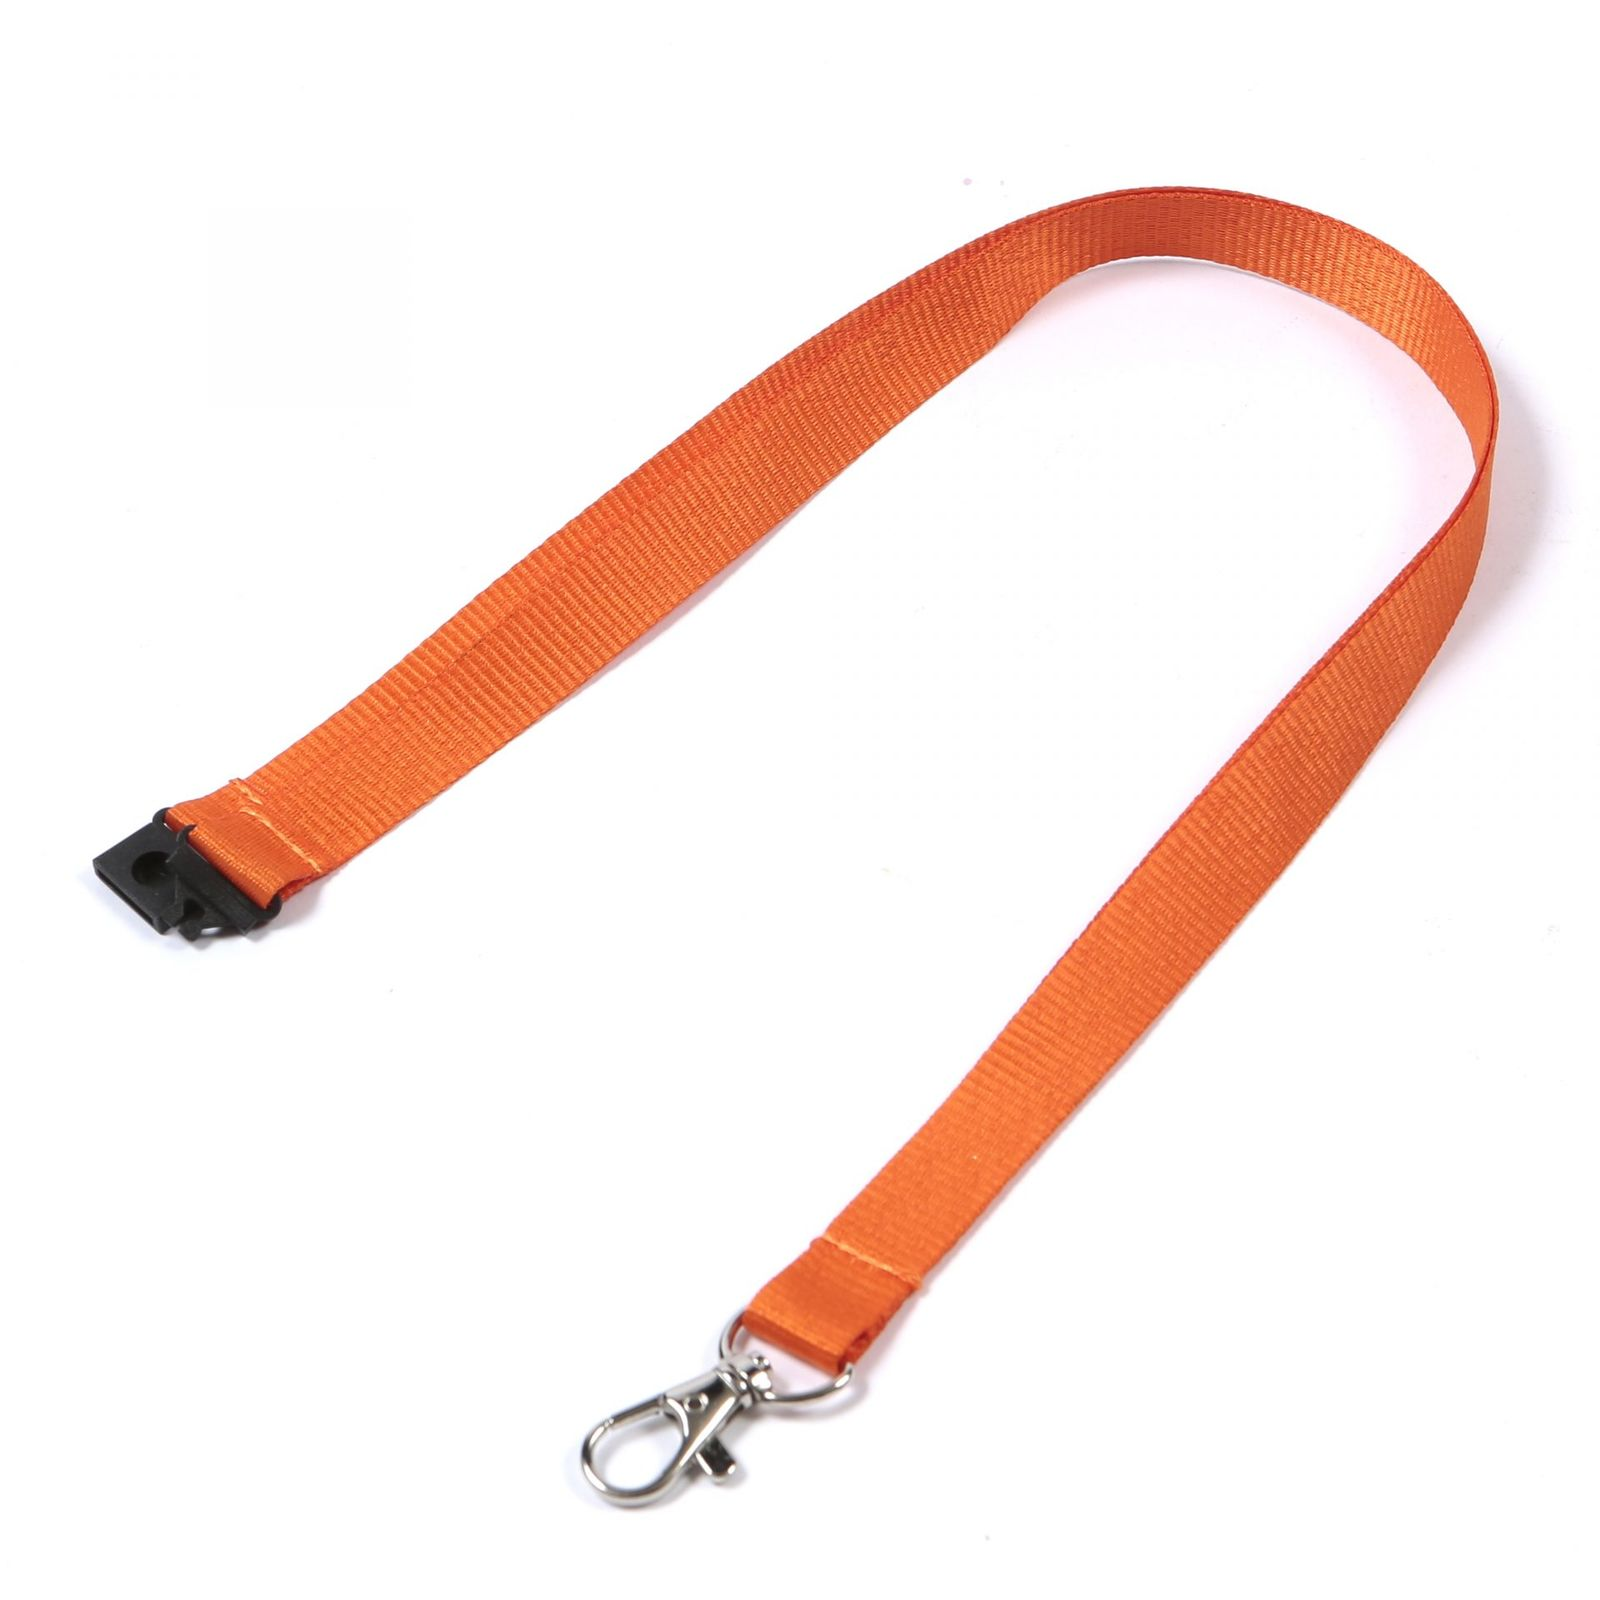 Buy Plain Orange Lanyards on Lanyards Direct Today!